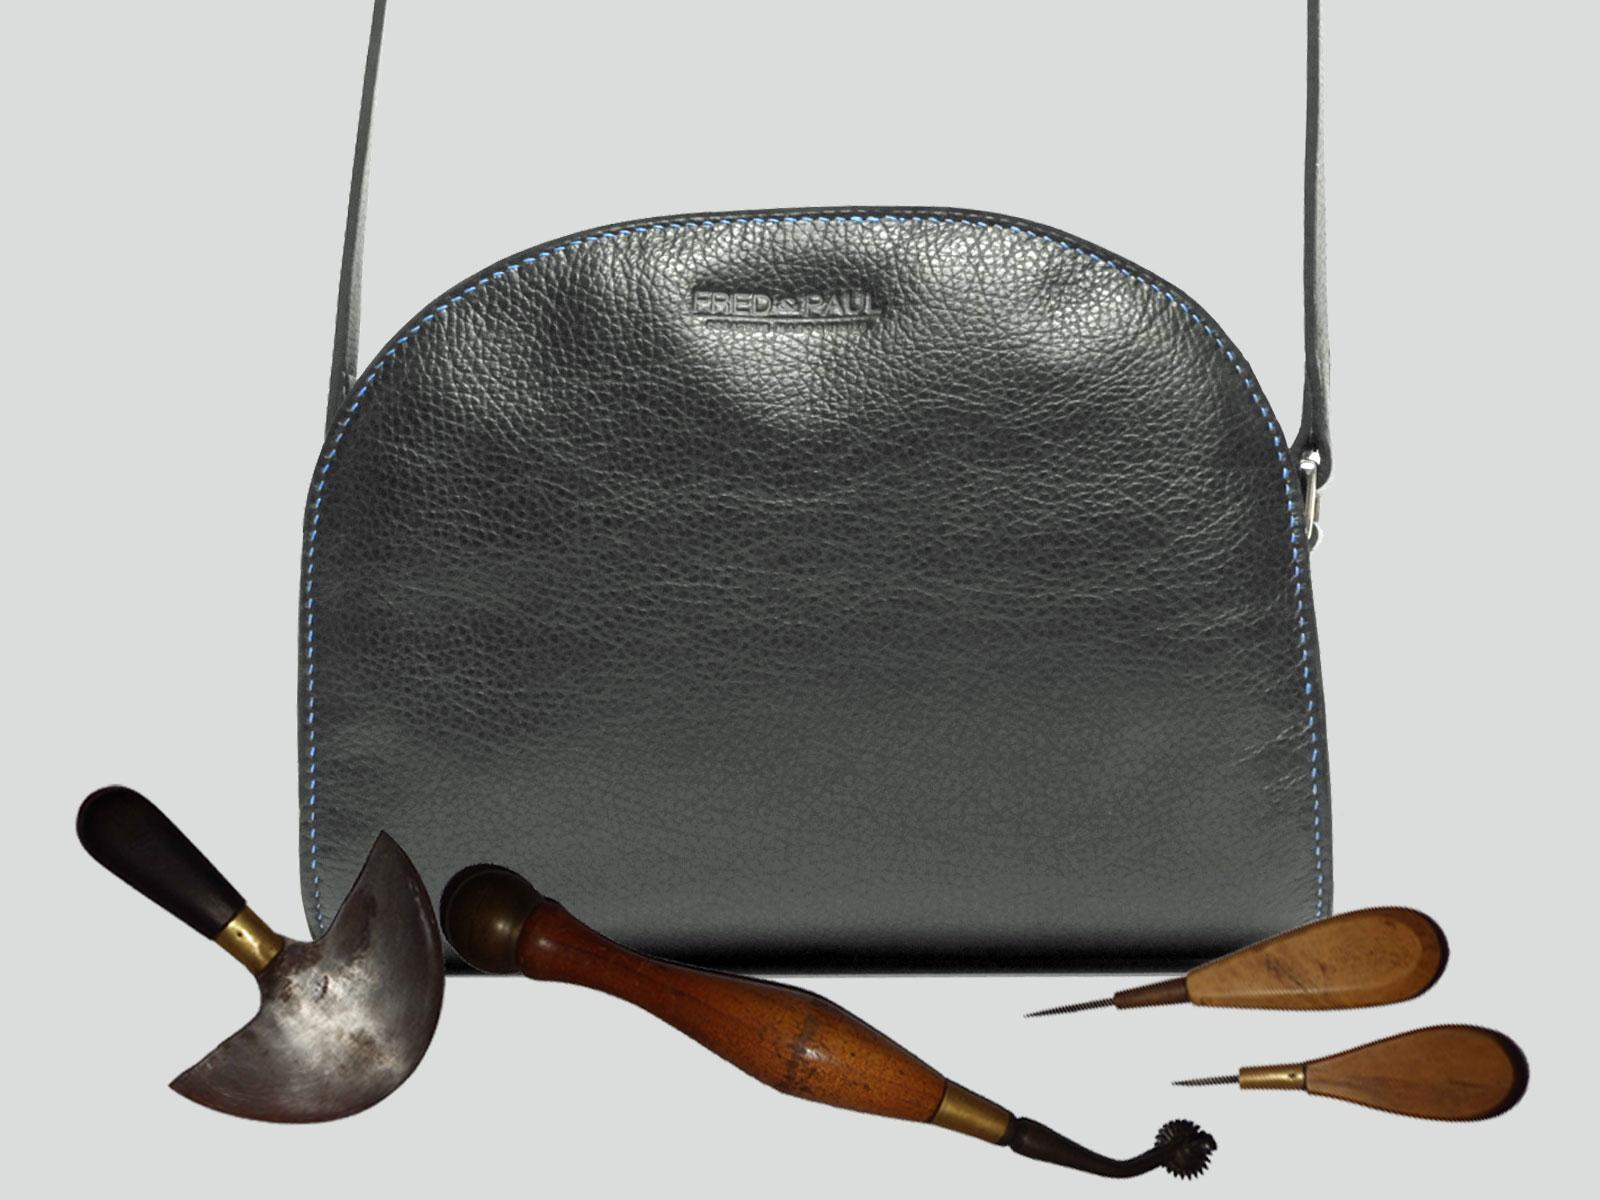 LABRADOR, sac porté croisé ou épaule en cuir de veau noir légèrement grainé